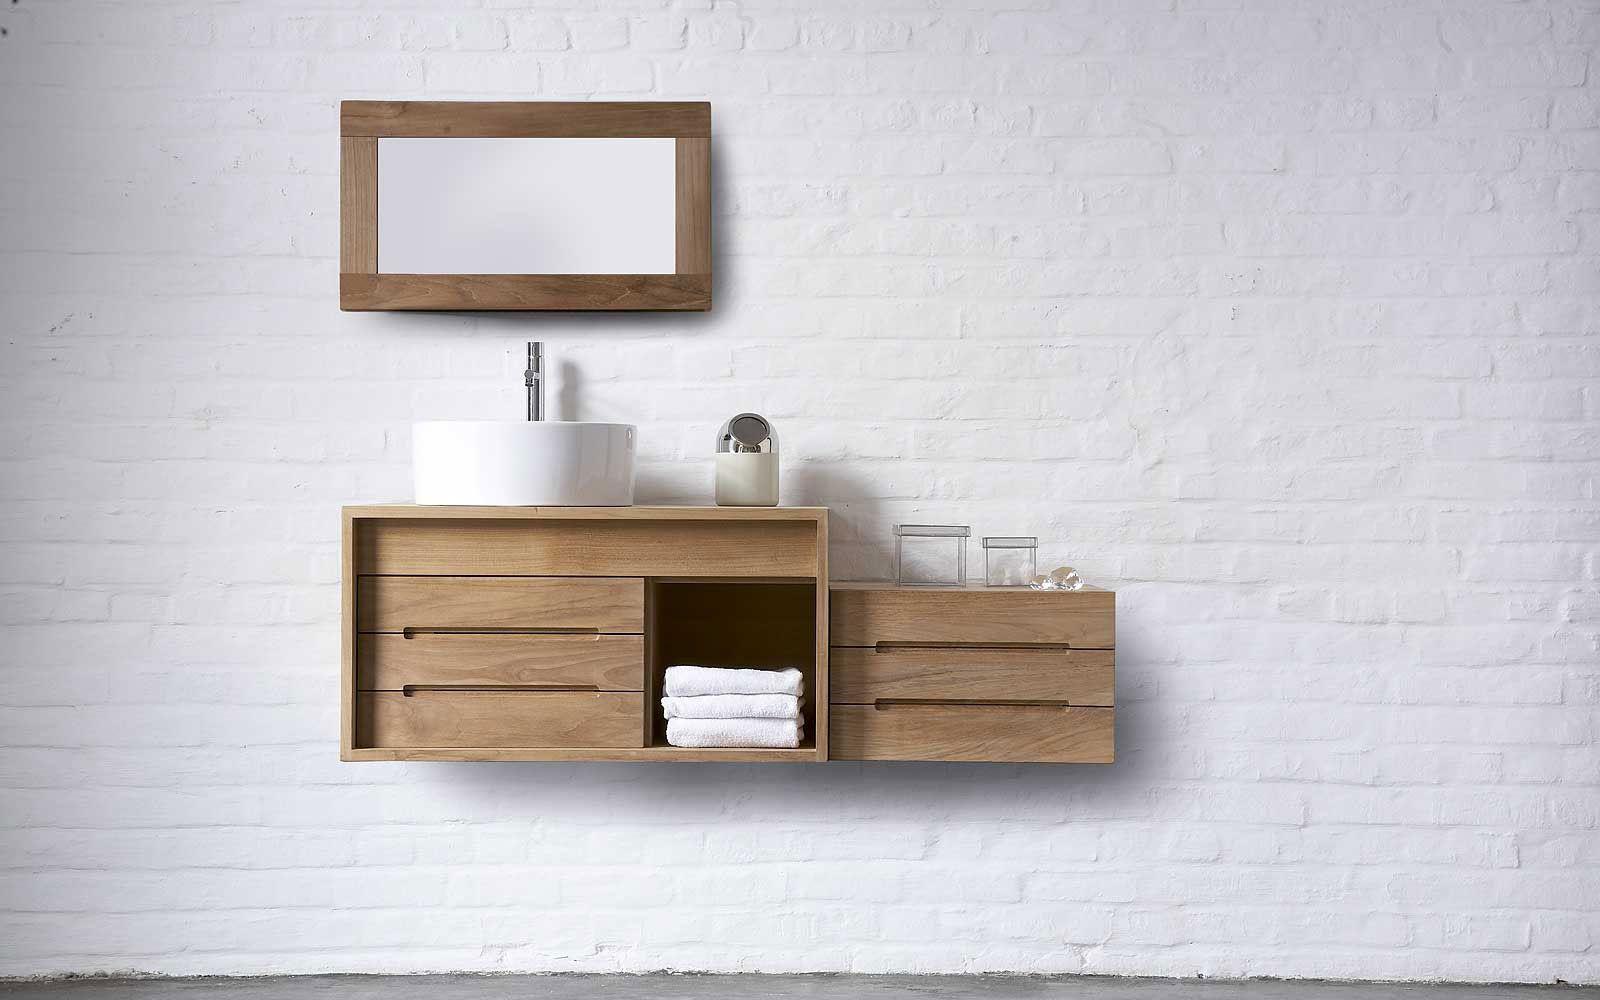 meubles salle de bains bois cube espace aubade id es salle de bain pinterest bathroom. Black Bedroom Furniture Sets. Home Design Ideas